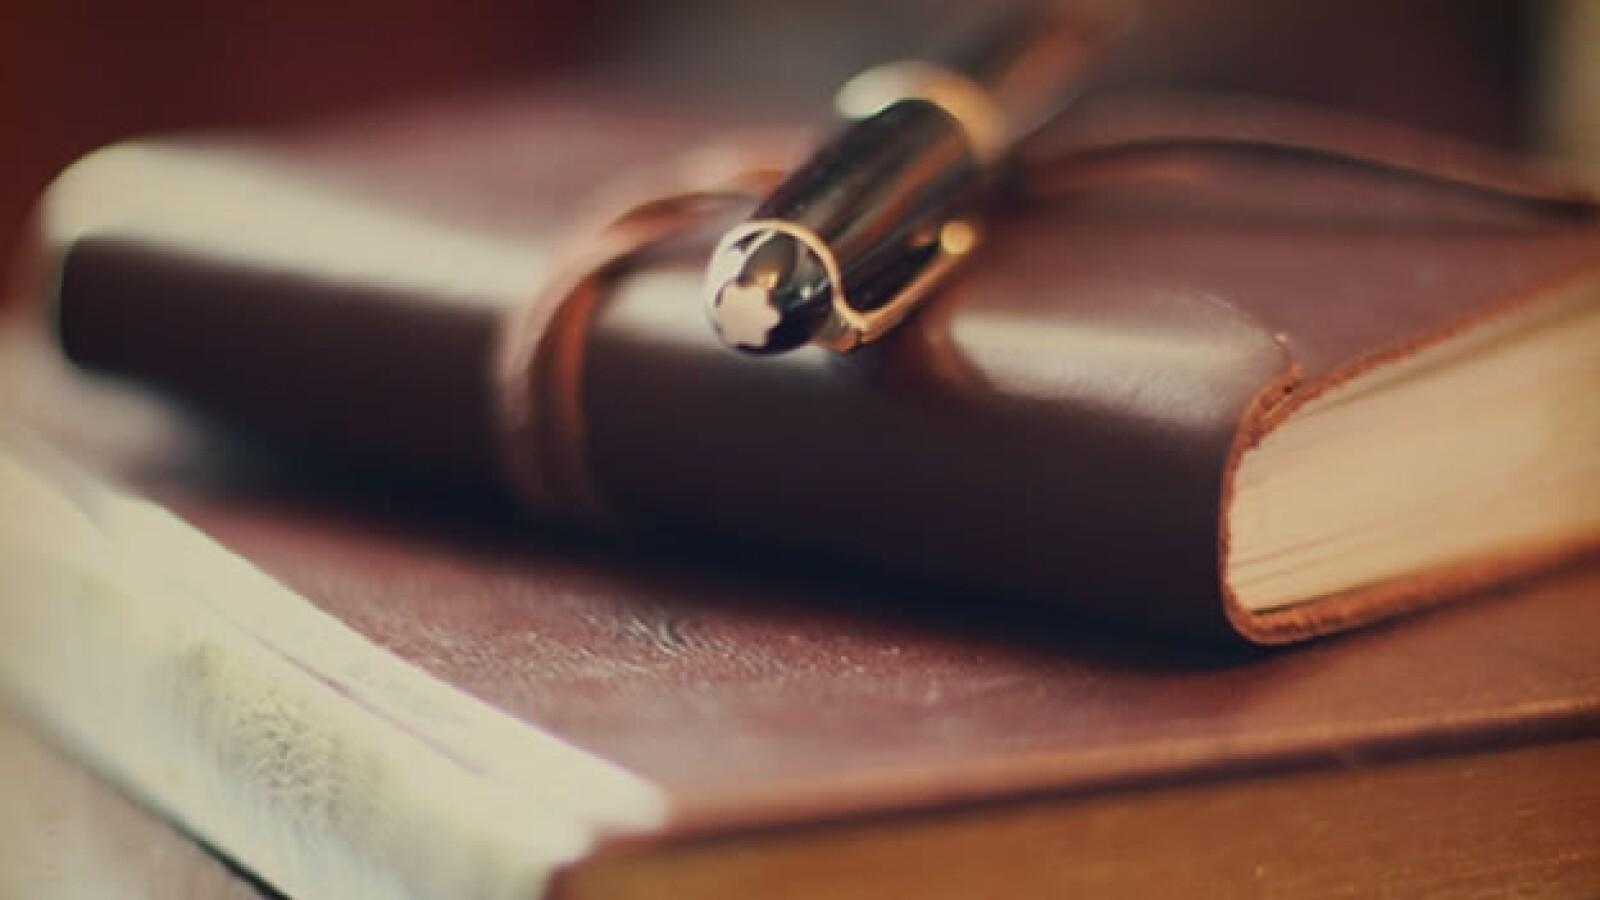 ballpointpen pluma cuadernos escribir